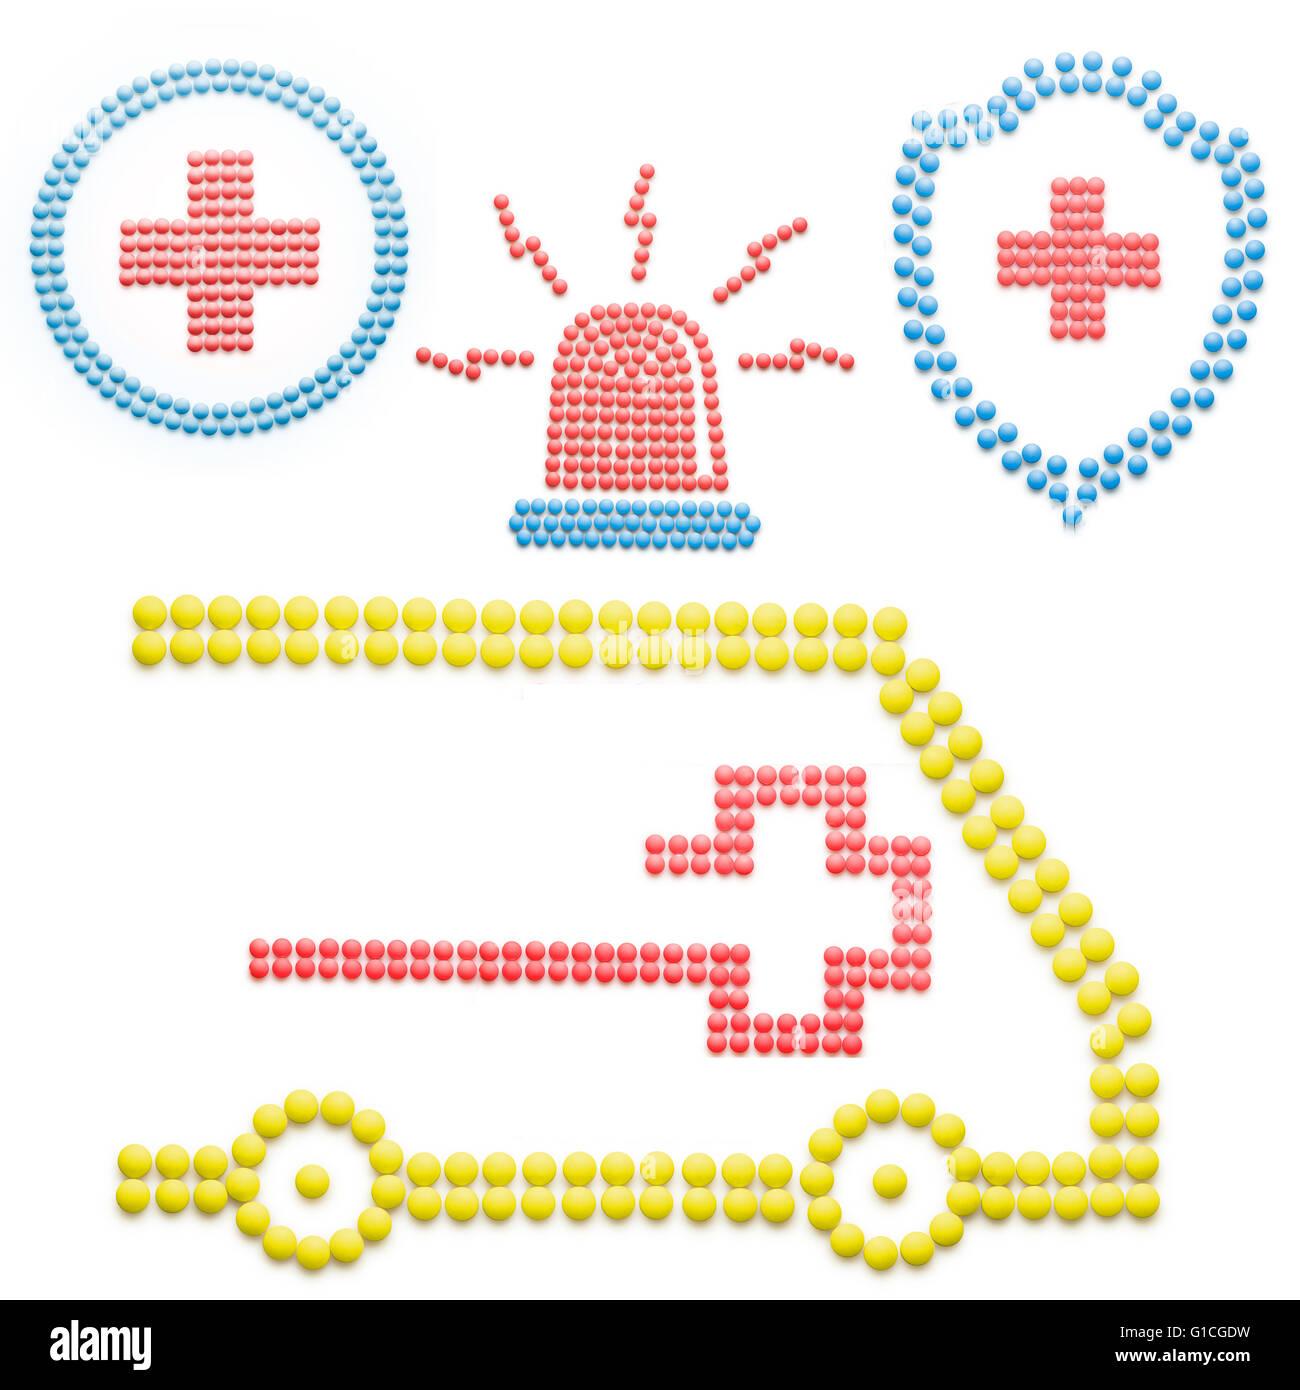 La médecine et les soins de Création de concept et de médicaments d'urgence, ambulance avec siren Photo Stock